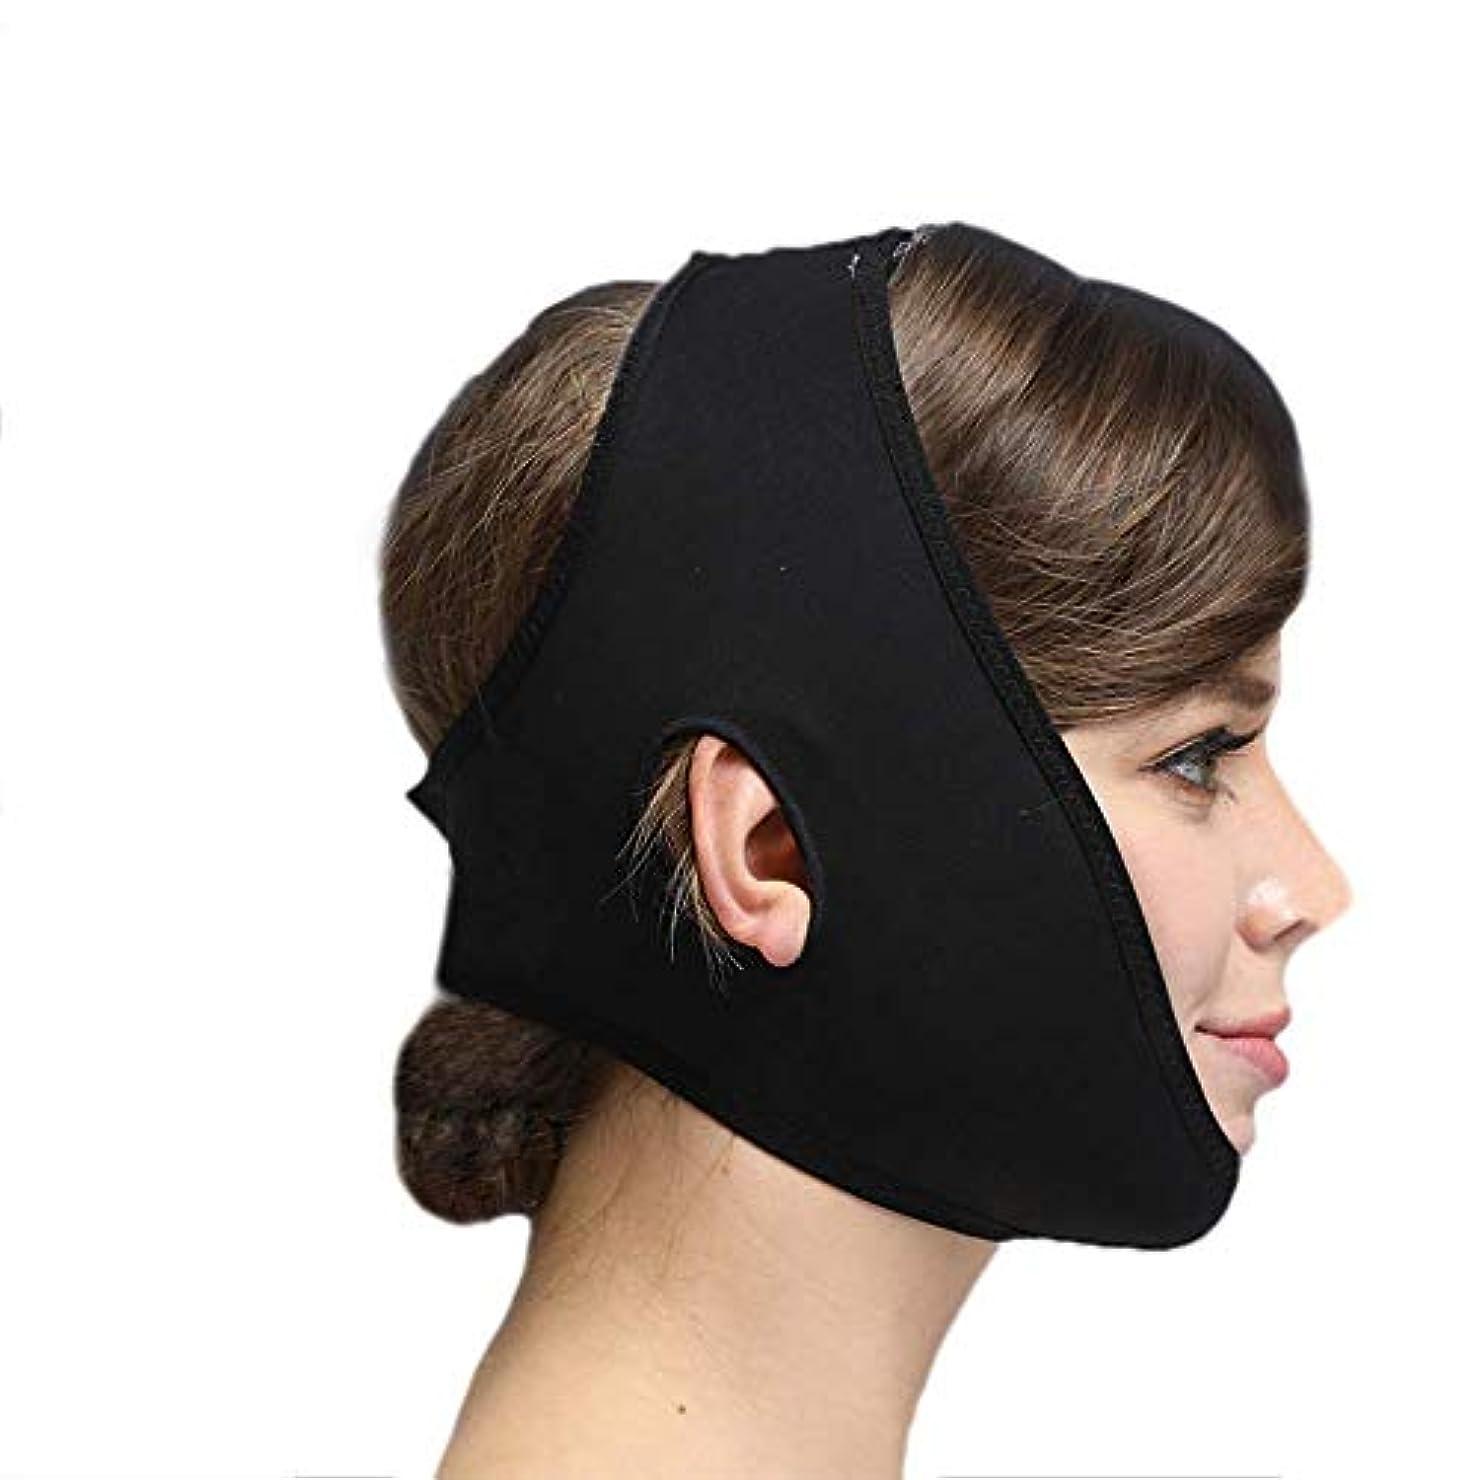 ジャベスウィルソン投げる連結するフェイススリミングマスク、快適さと通気性、フェイシャルリフティング、輪郭の改善された硬さ、ファーミングとリフティングフェイス(カラー:ブラック、サイズ:XL),ブラック2、L